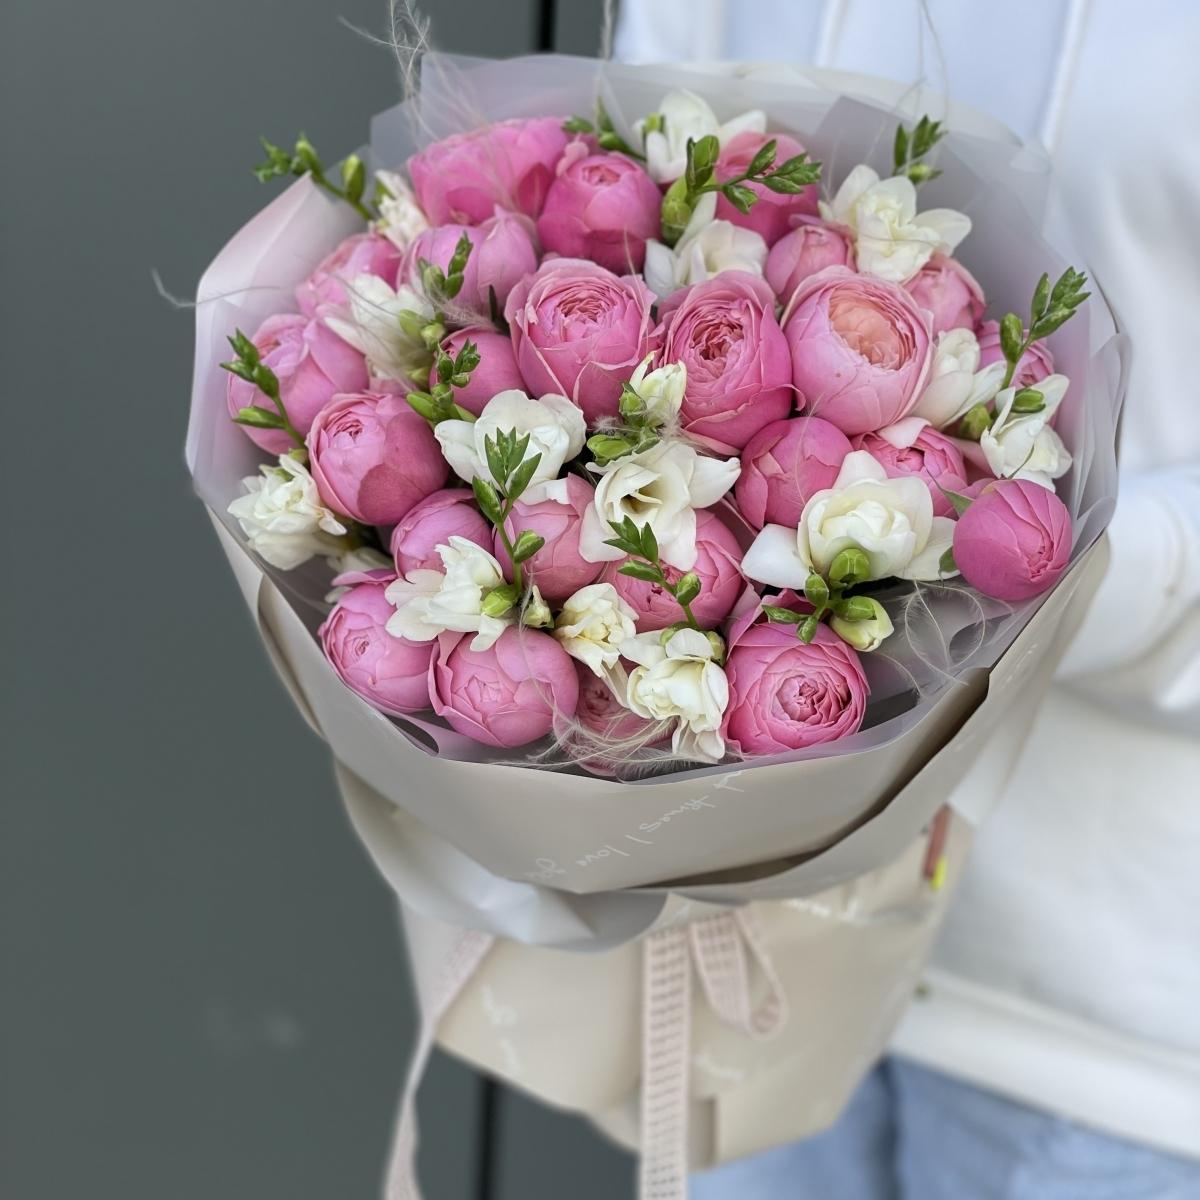 Букет Армани Макси из кустовых пионовидных роз и фрезии